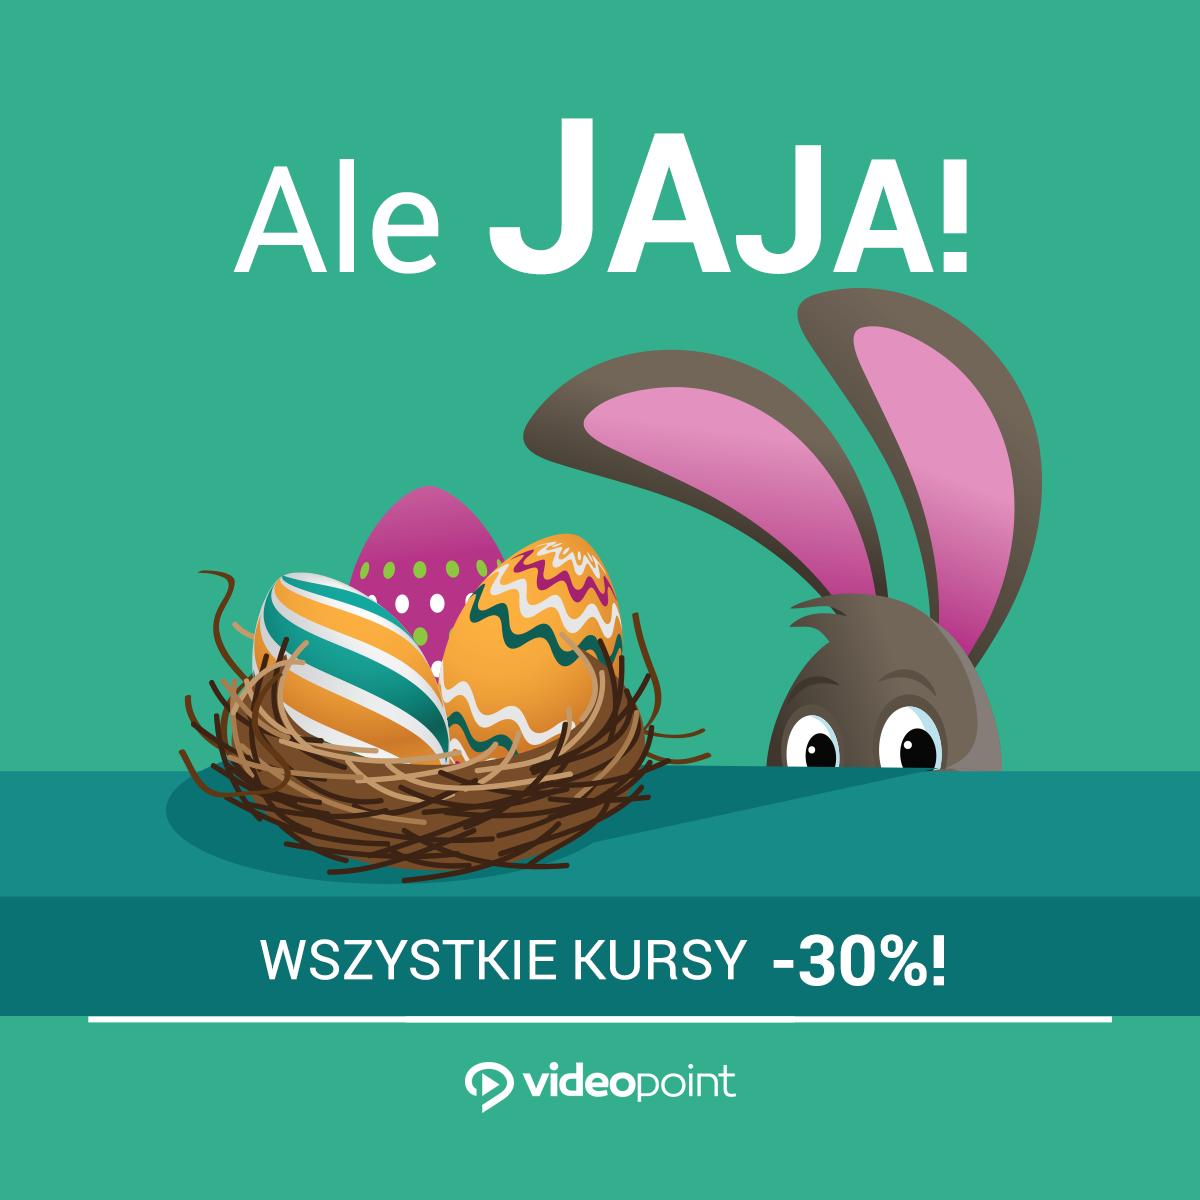 Wielkanocna promocja na videopoint.pl